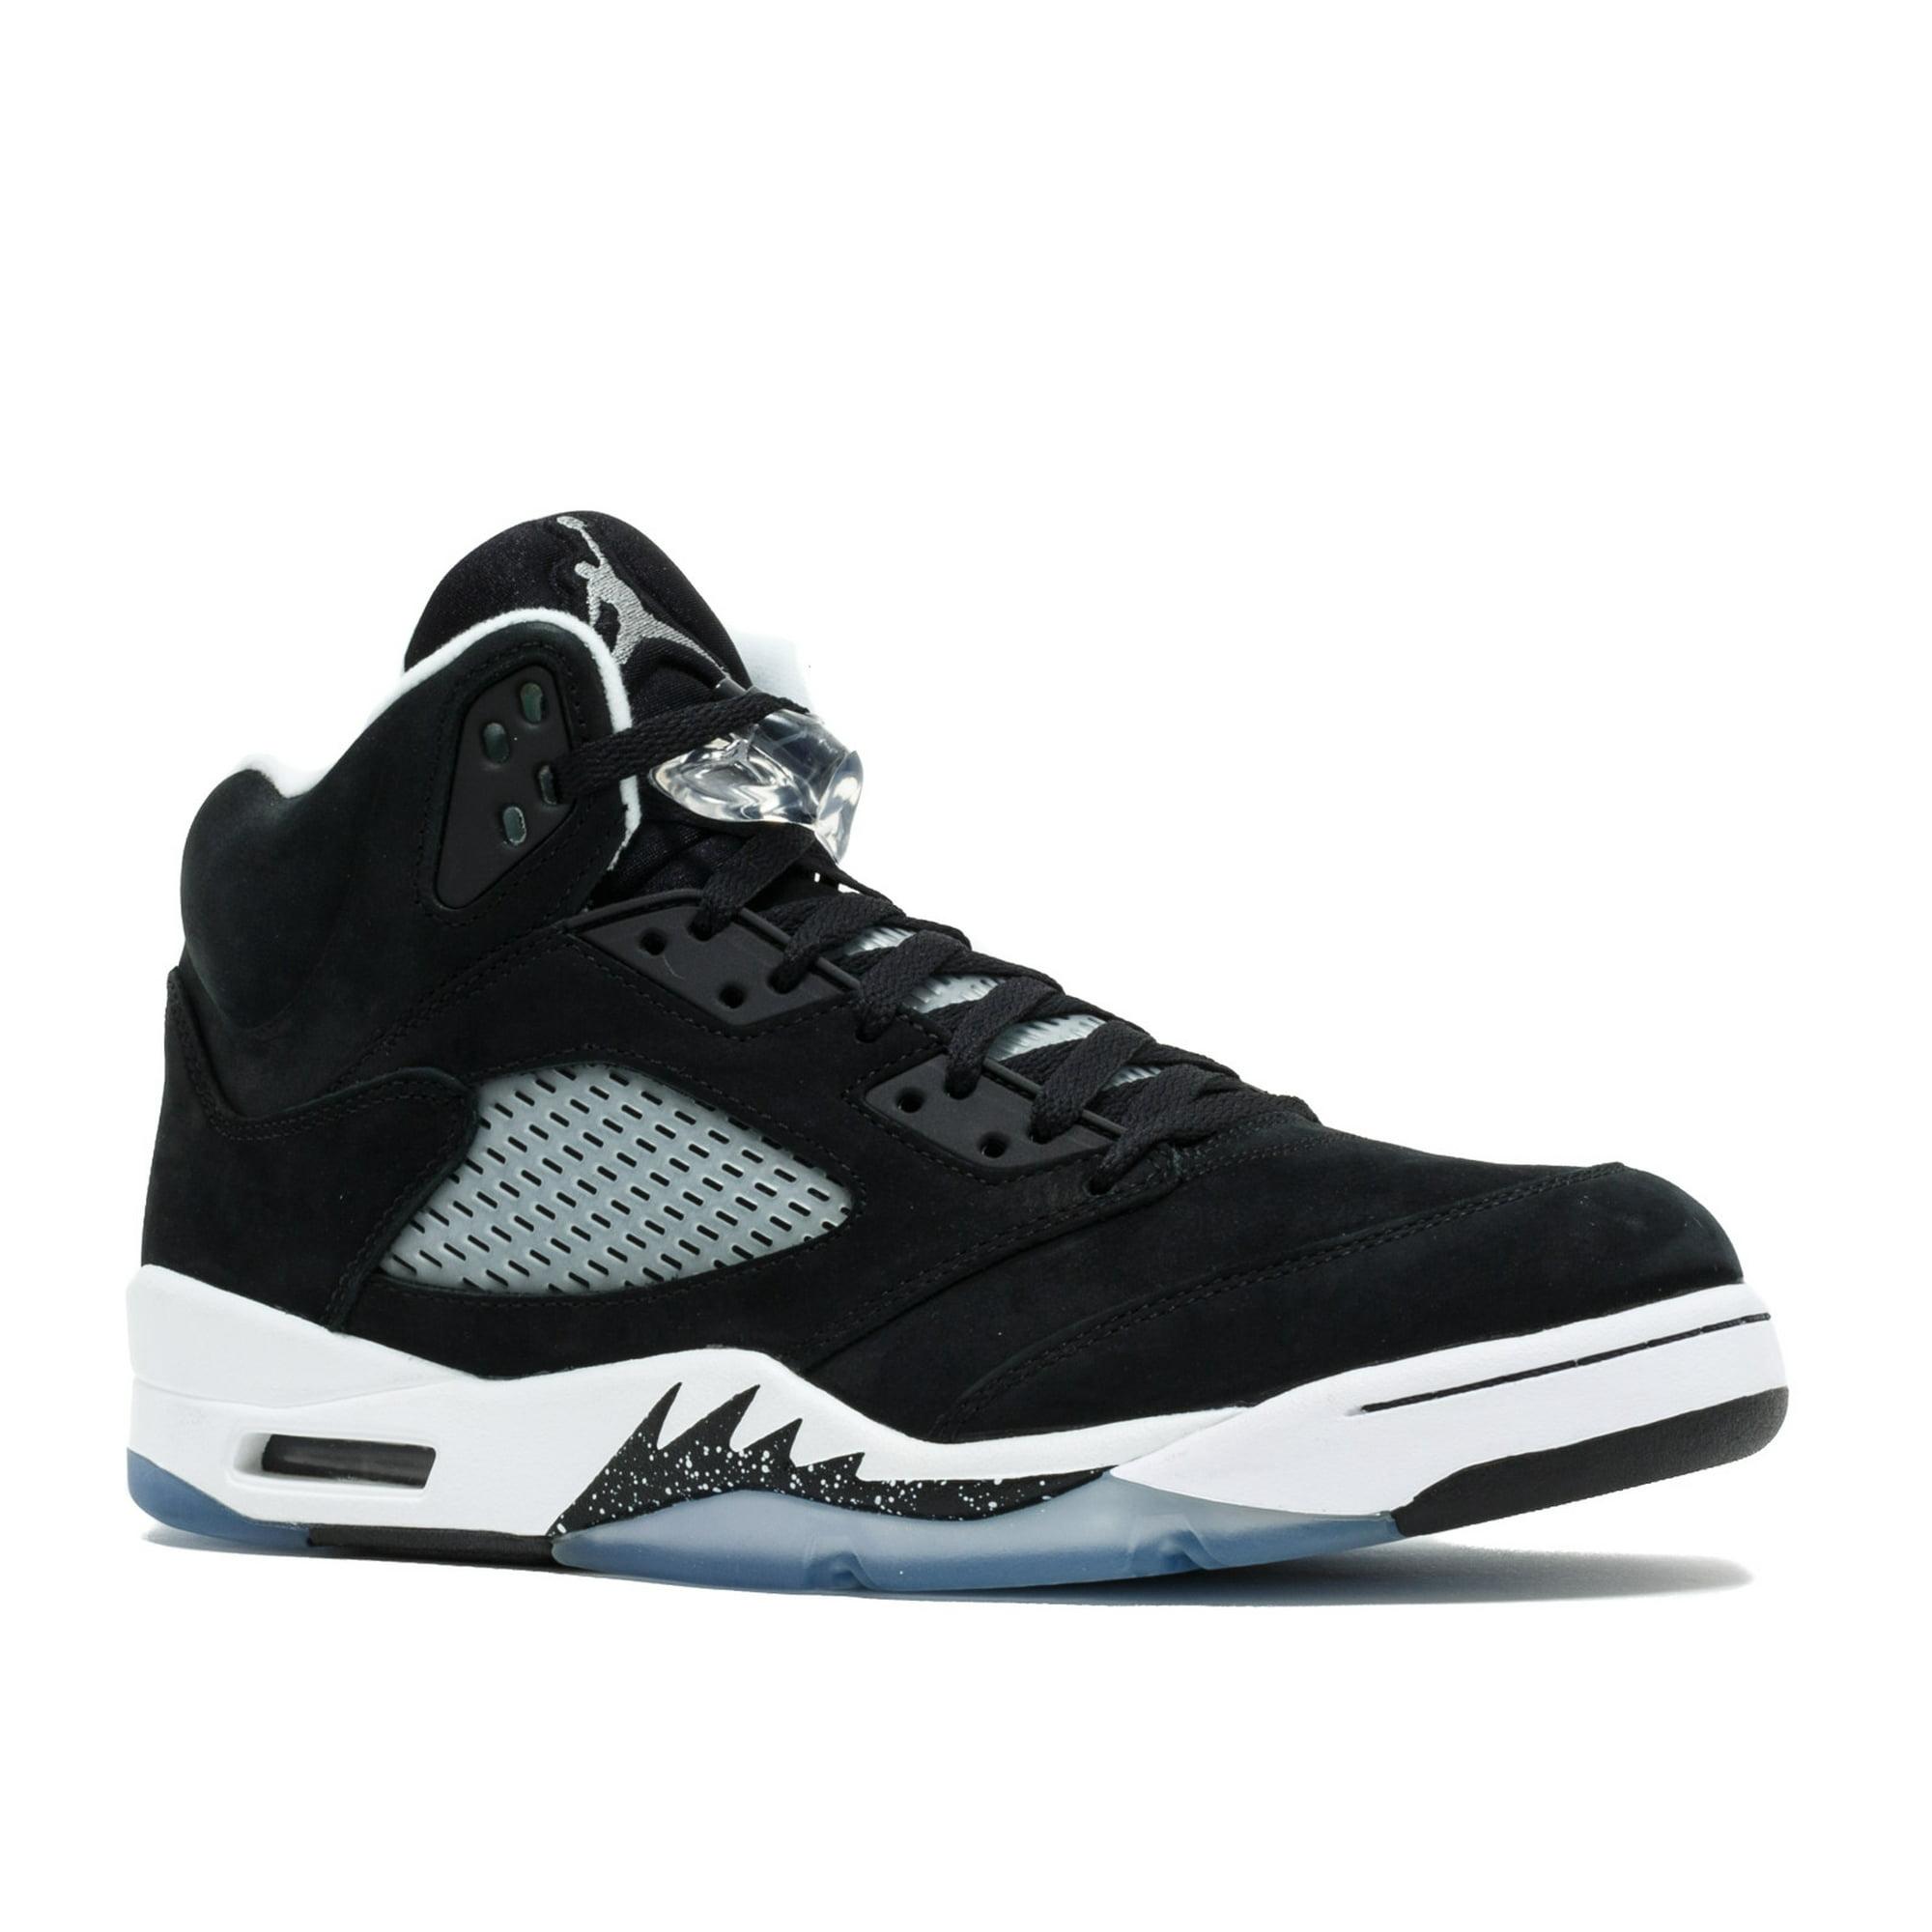 promo code d5228 28d0c Air Jordan - Men - Air Jordan 5 Retro  Oreo  - 136027-035 - Size 10.5    Walmart Canada